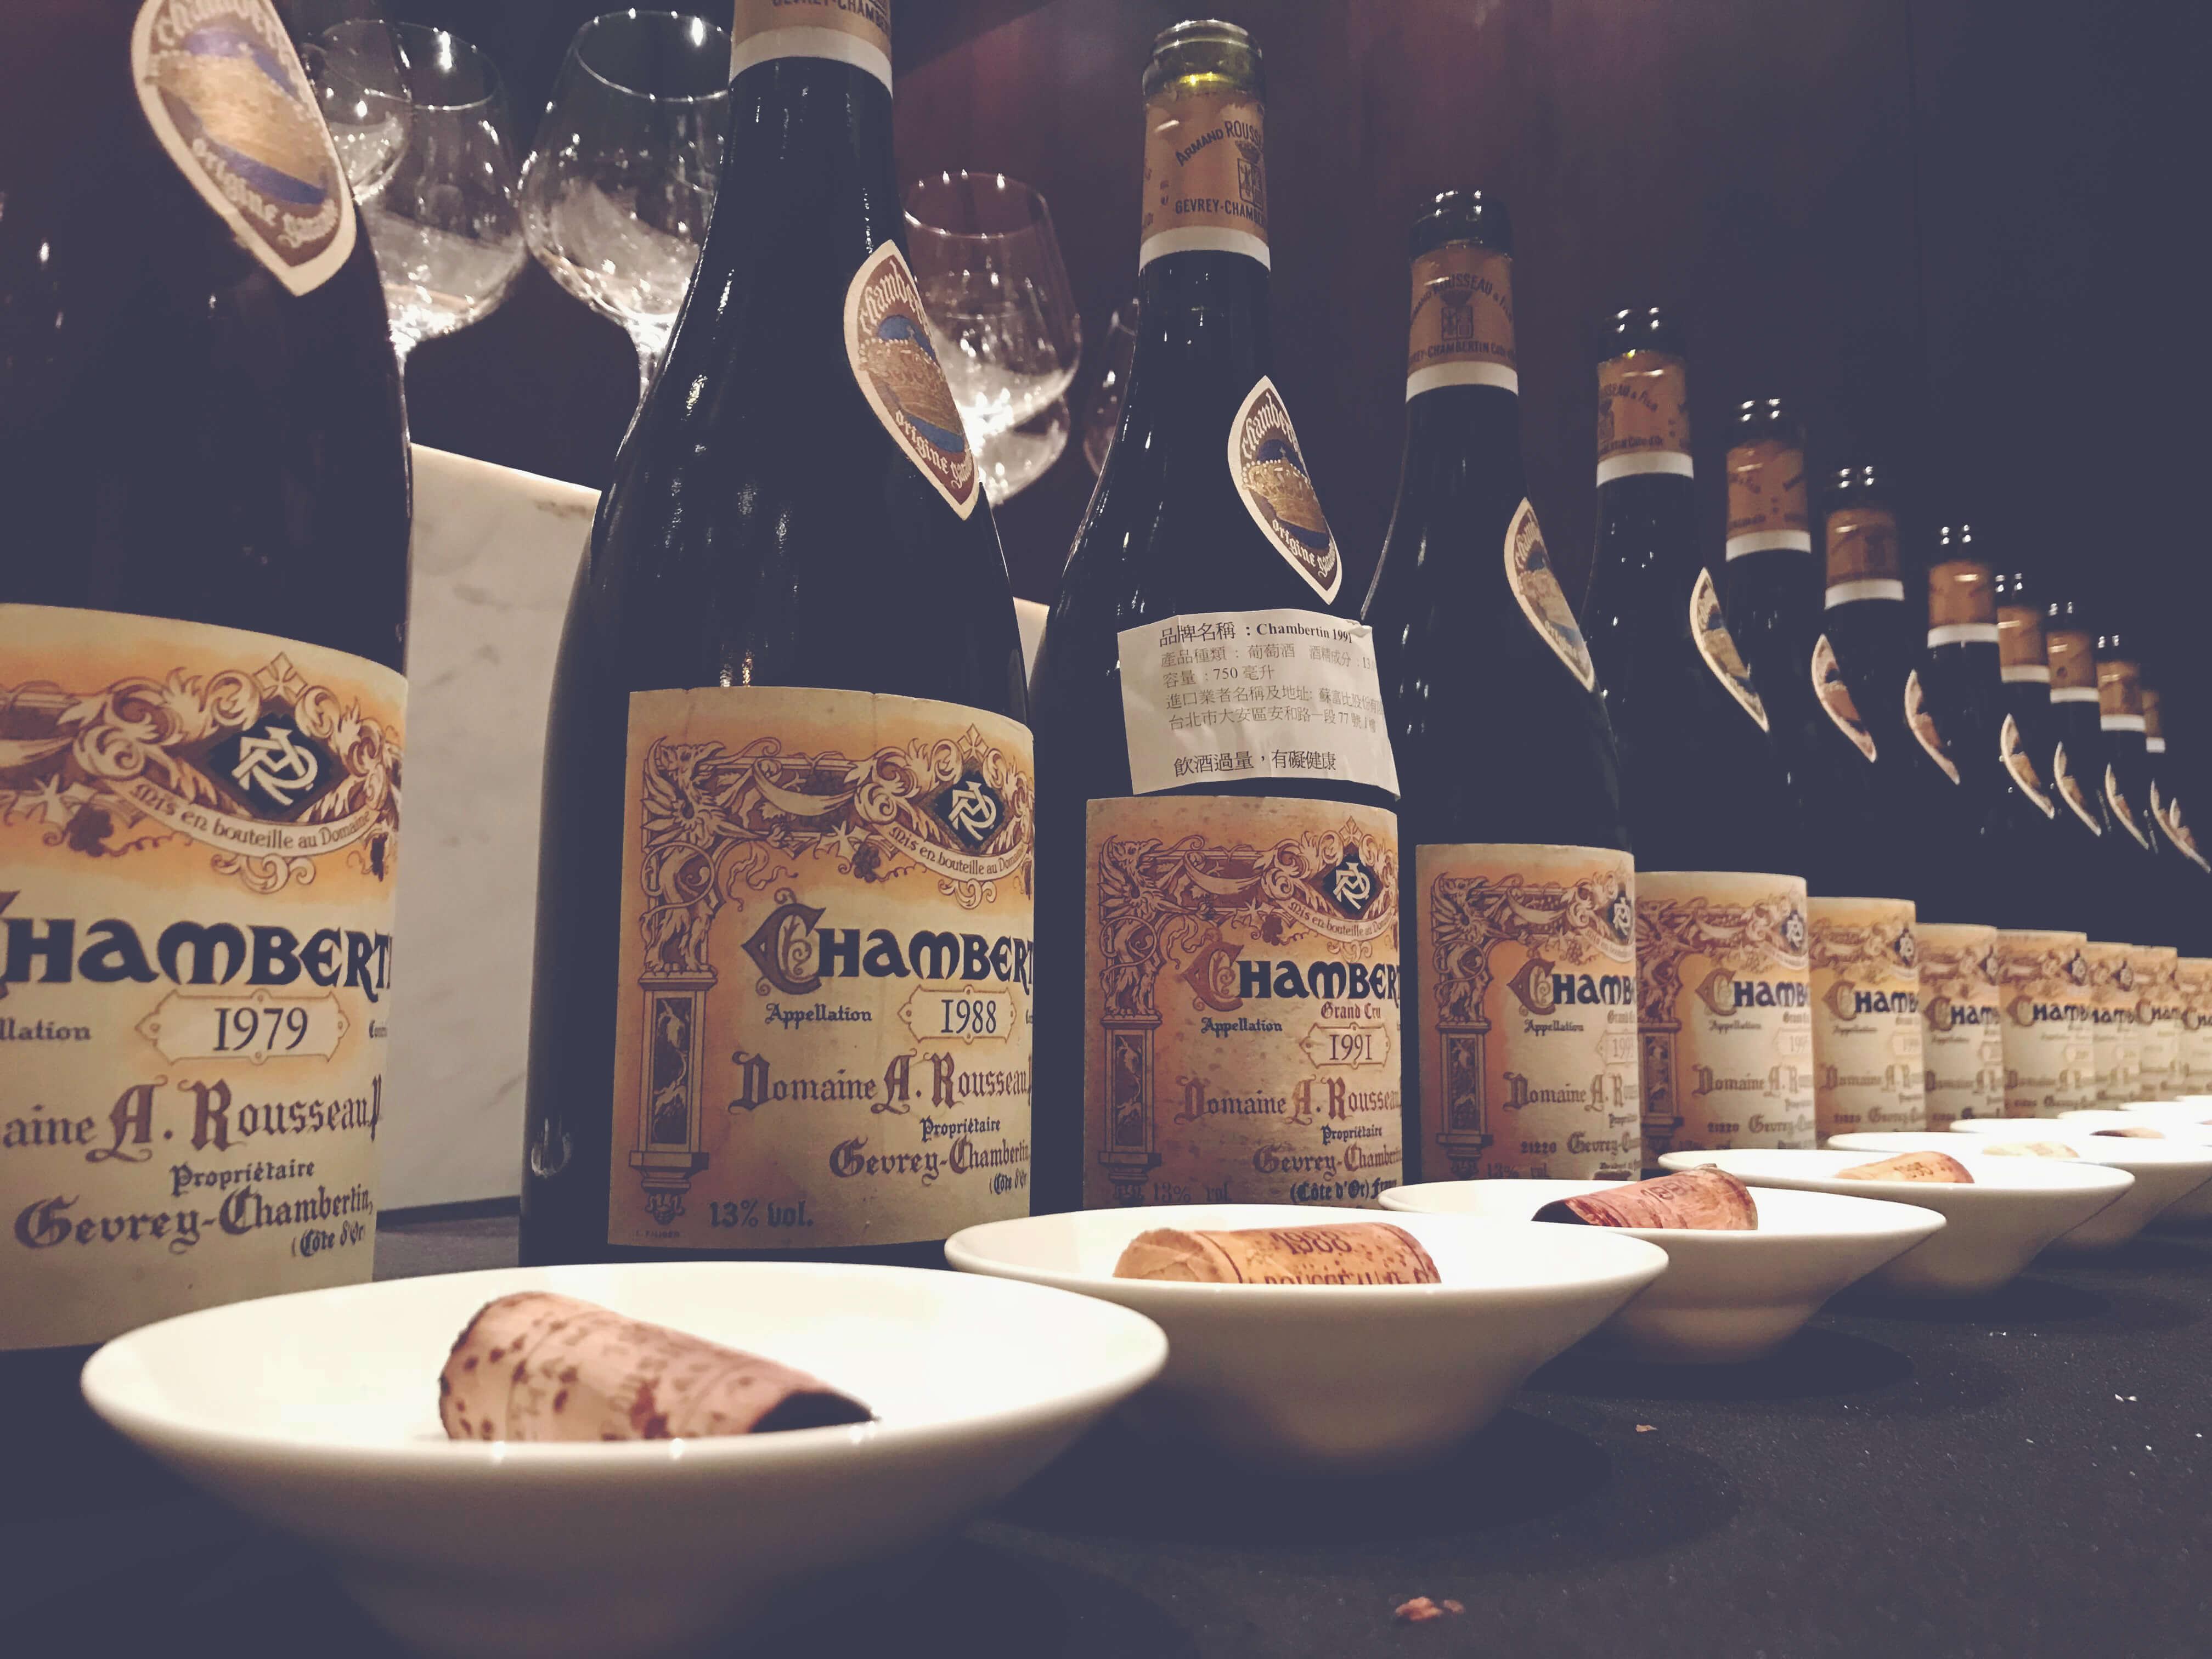 Rousseau Vertical Tasting, Guy Desert Island Wines